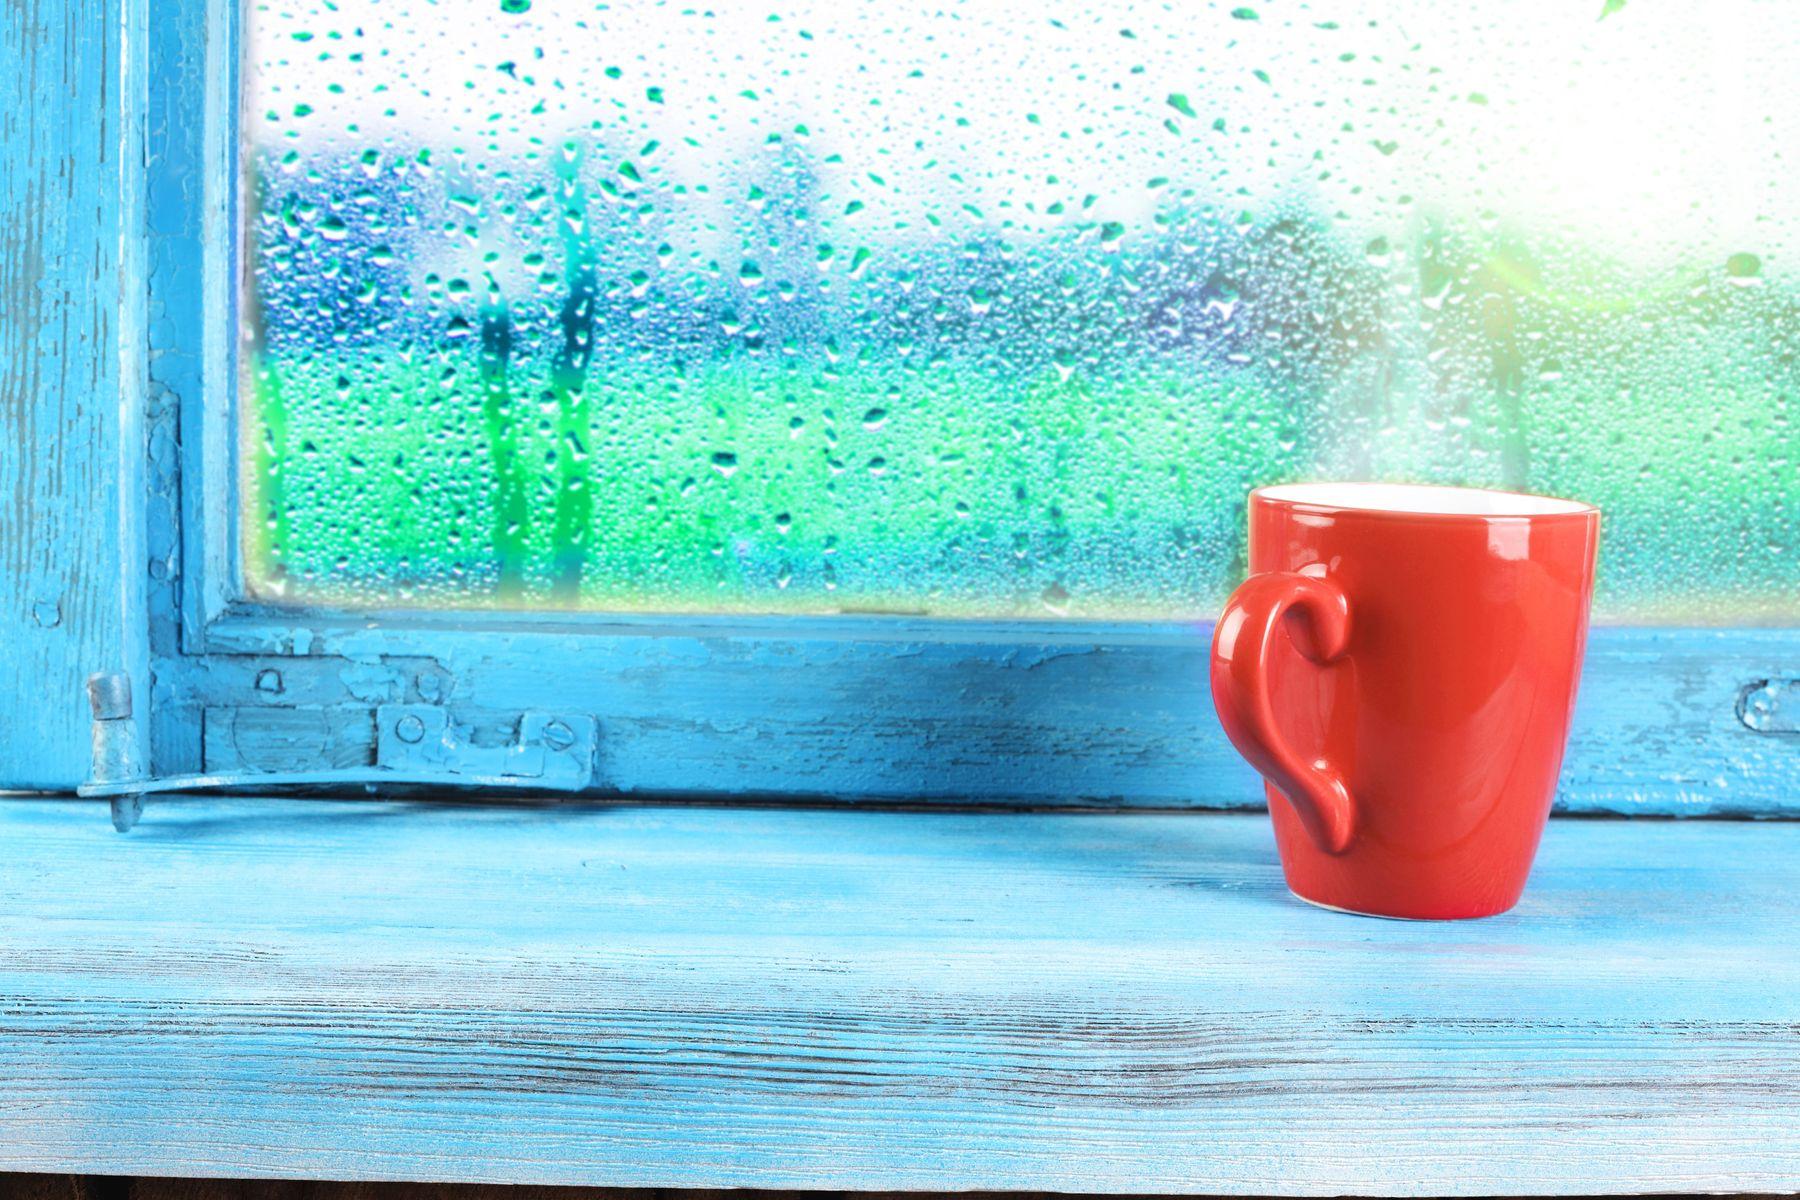 fenêtre en verre trempé de pluie avec tasse en porcelaine sur le rebord